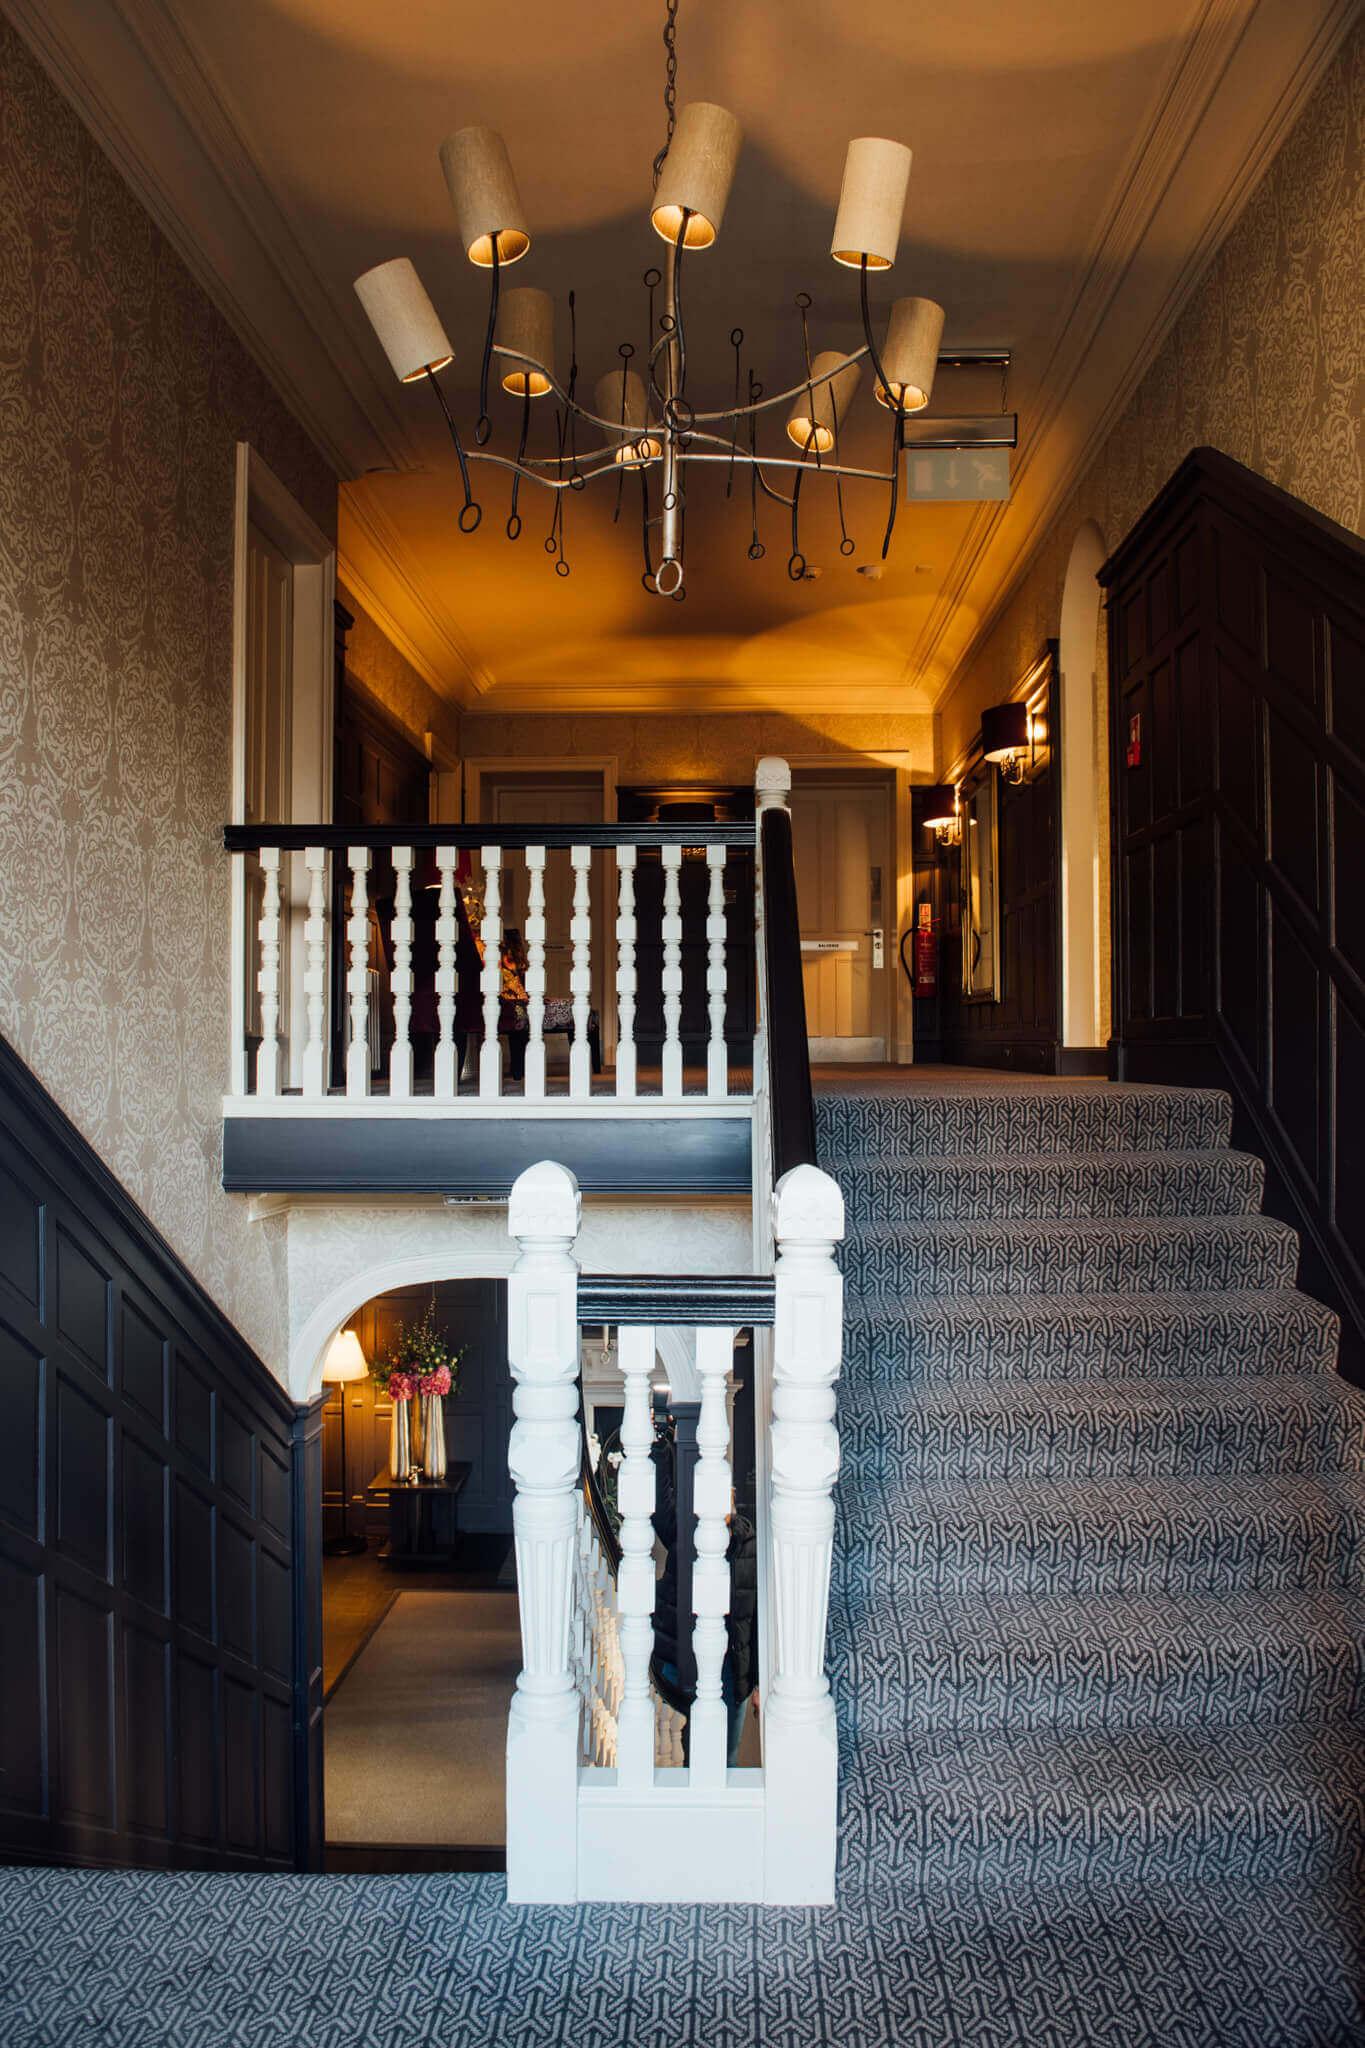 dowans_hotel-ryanjohnstonco-138